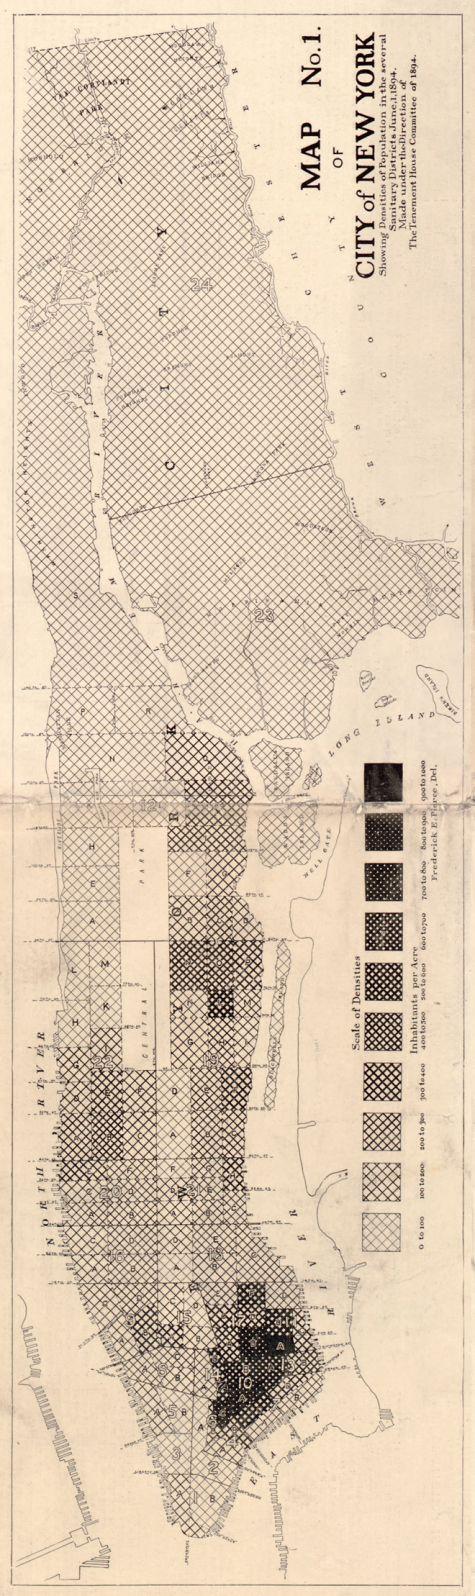 Elevation Wood Density : Best images about maps on pinterest paris map